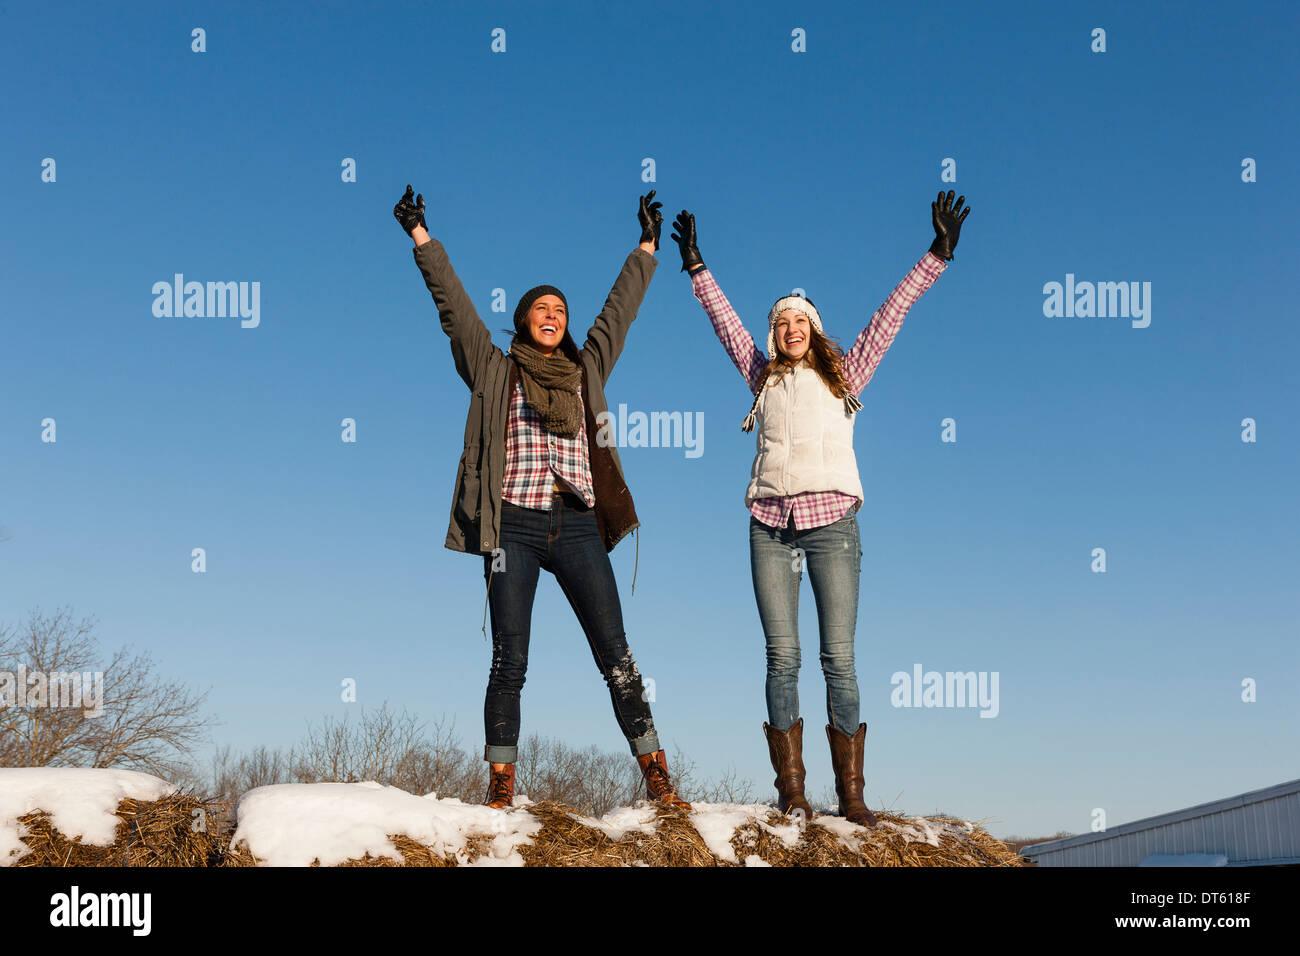 Dos mujeres jóvenes con los brazos levantados en la cima de la colina de invierno Imagen De Stock